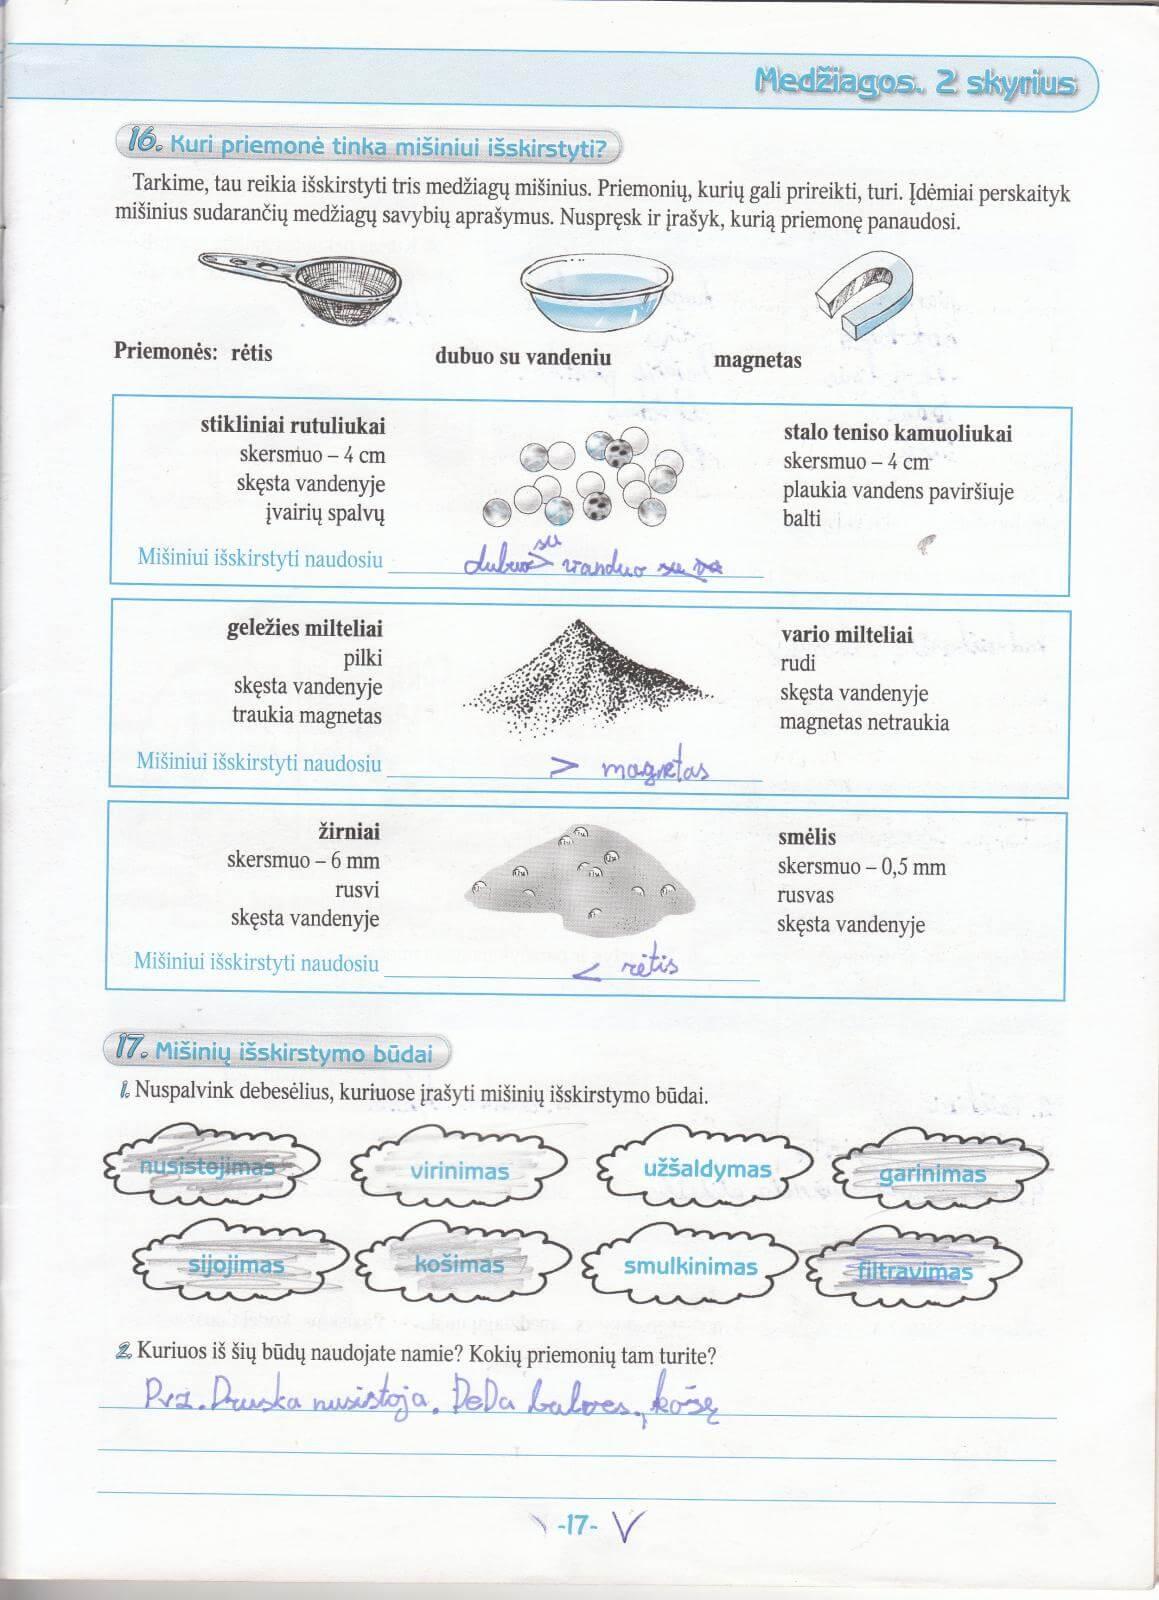 Biologija 5 klasei 1 dalis 17 puslapis